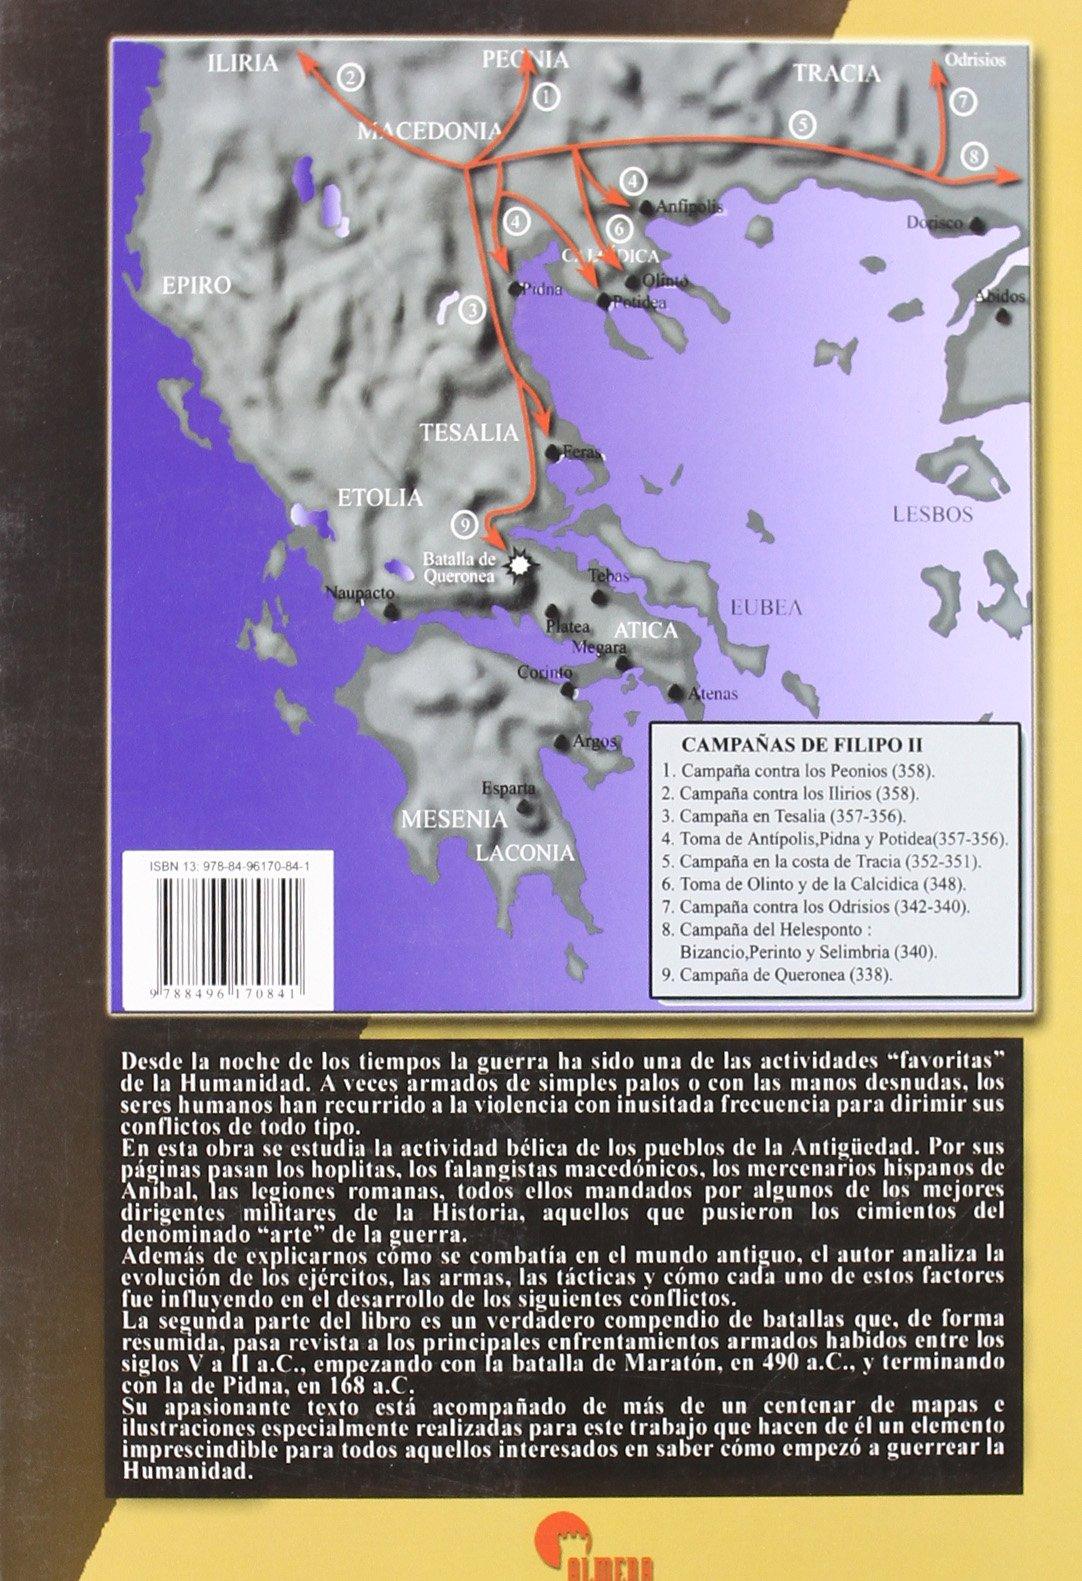 La guerra en el mundo antiguo: Víctor Barreiro Rubín: 9788496170841: Amazon.com: Books